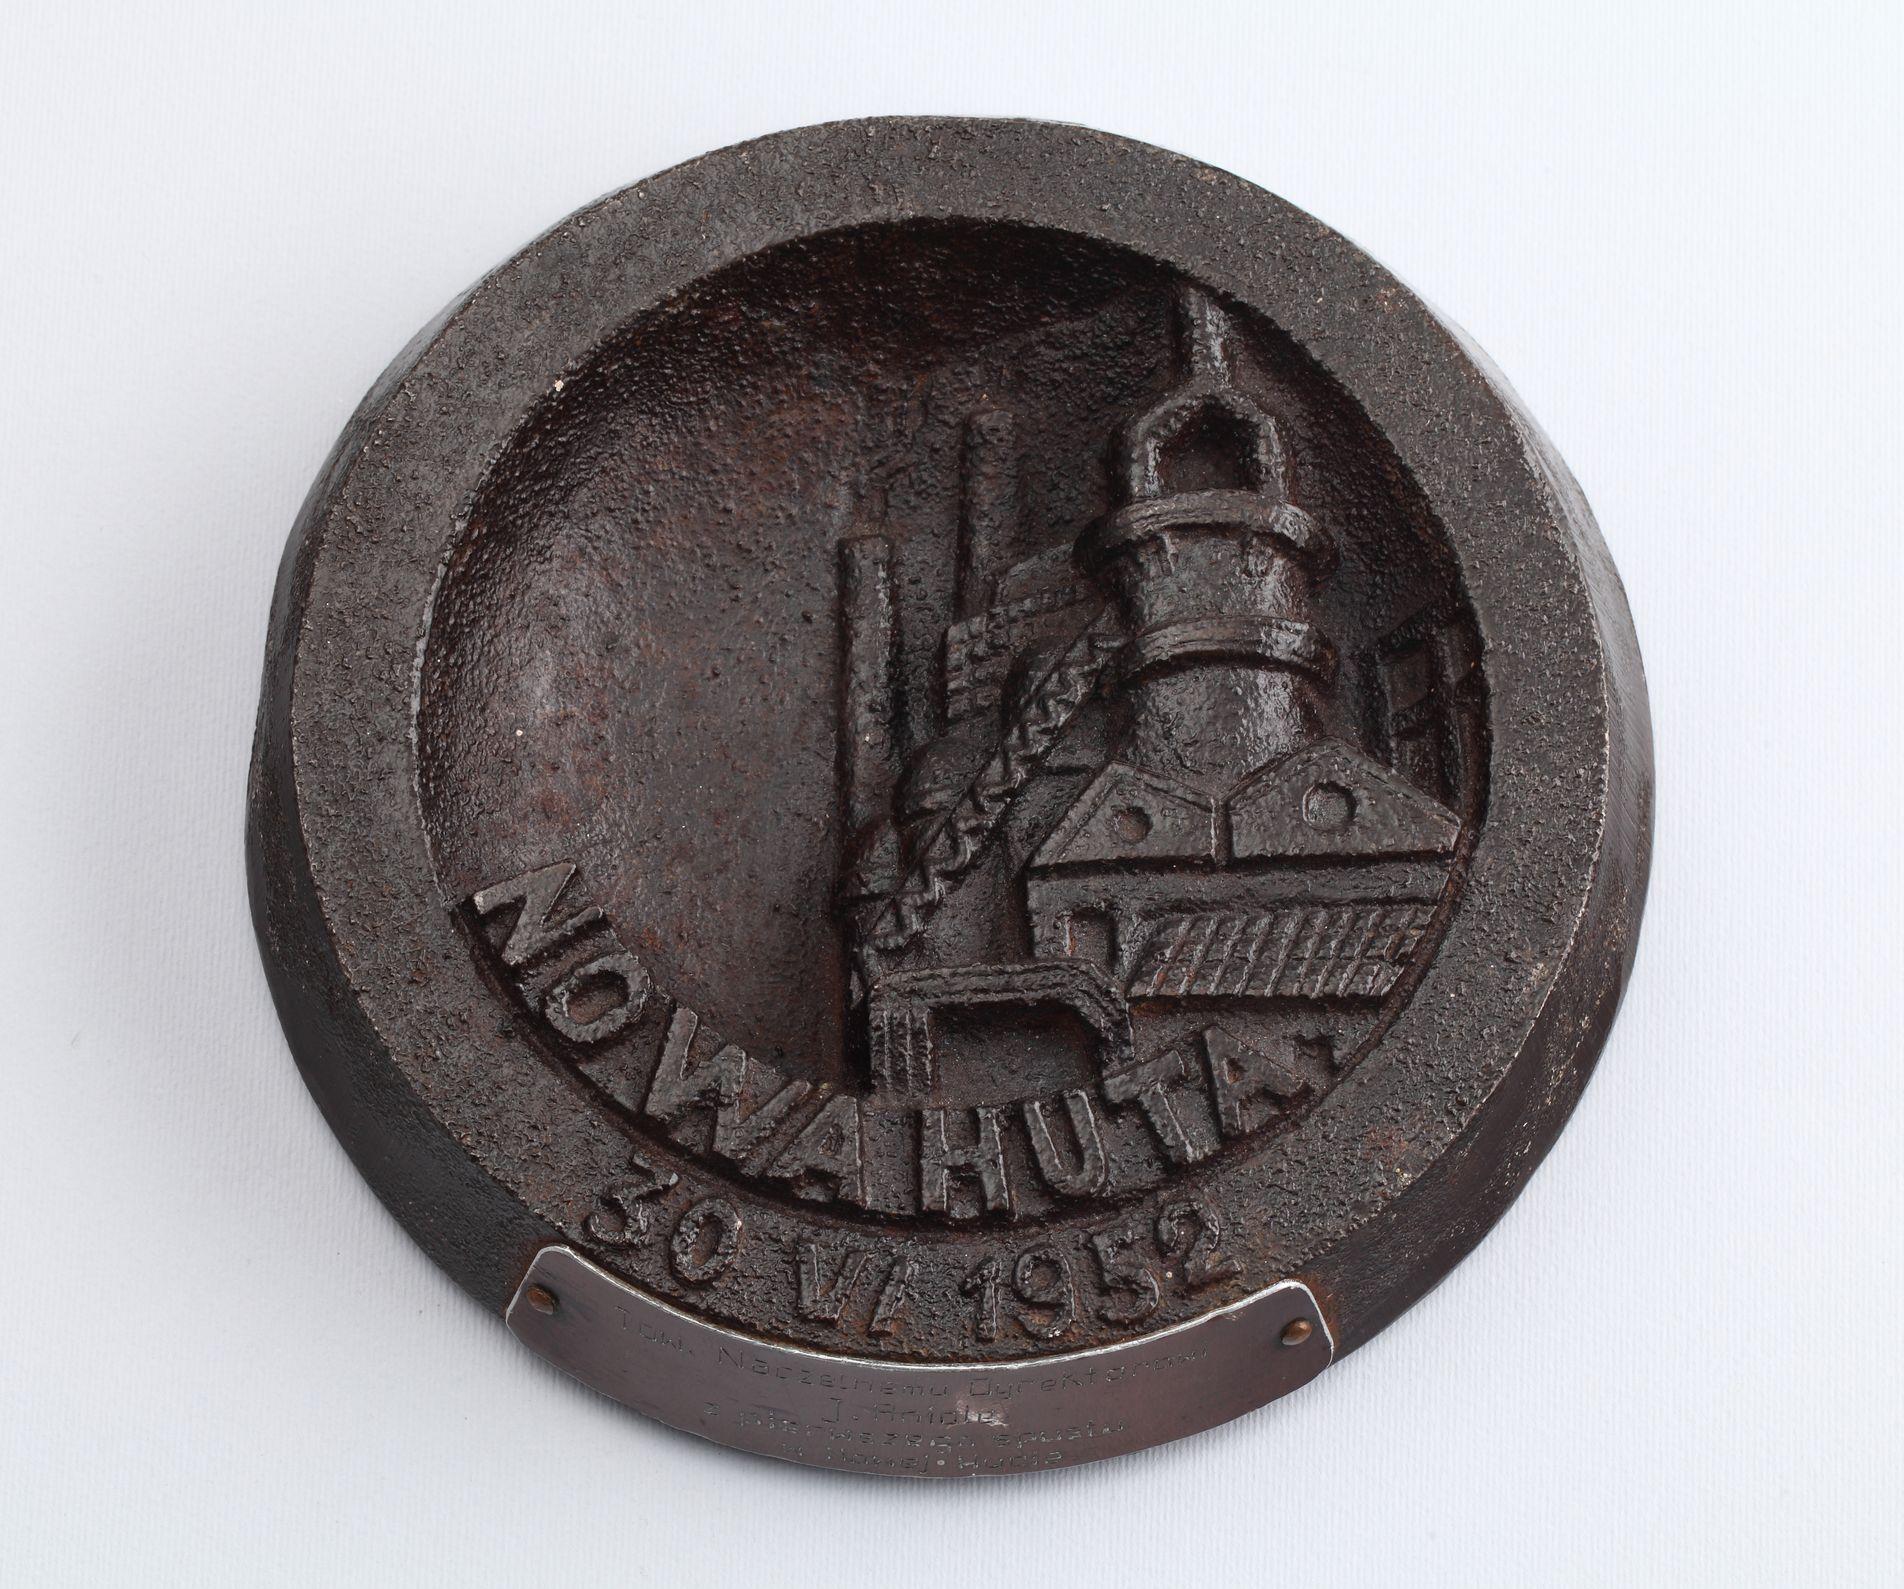 Popielniczka z pierwszego spustu surówki, z metalu w kolorze czarnym. Wewnątrz czaszy napis NOWA HUTA i widok Wielkiego Pieca (od lewej: dwa kominy, taśmociąg, dachy budynków, a nad nimi walec zwieńczony dwoma kominami). Na obrzeżu napis: 30 VI 1952. Na brzegu popielniczki plakietka z jasnego, galwanizowanego na ciemno metalu z wytłoczonym napisem: Tow. Naczelnemu Dyrektorowi / J. Aniole / z pierwszego spustu / w Nowej Hucie, 30 VI 1952, dar Stowarzyszenia na Rzecz Rozwoju Nowej Huty dla Muzeum, wł. MHK (źródło: materiały prasowe organizatora)